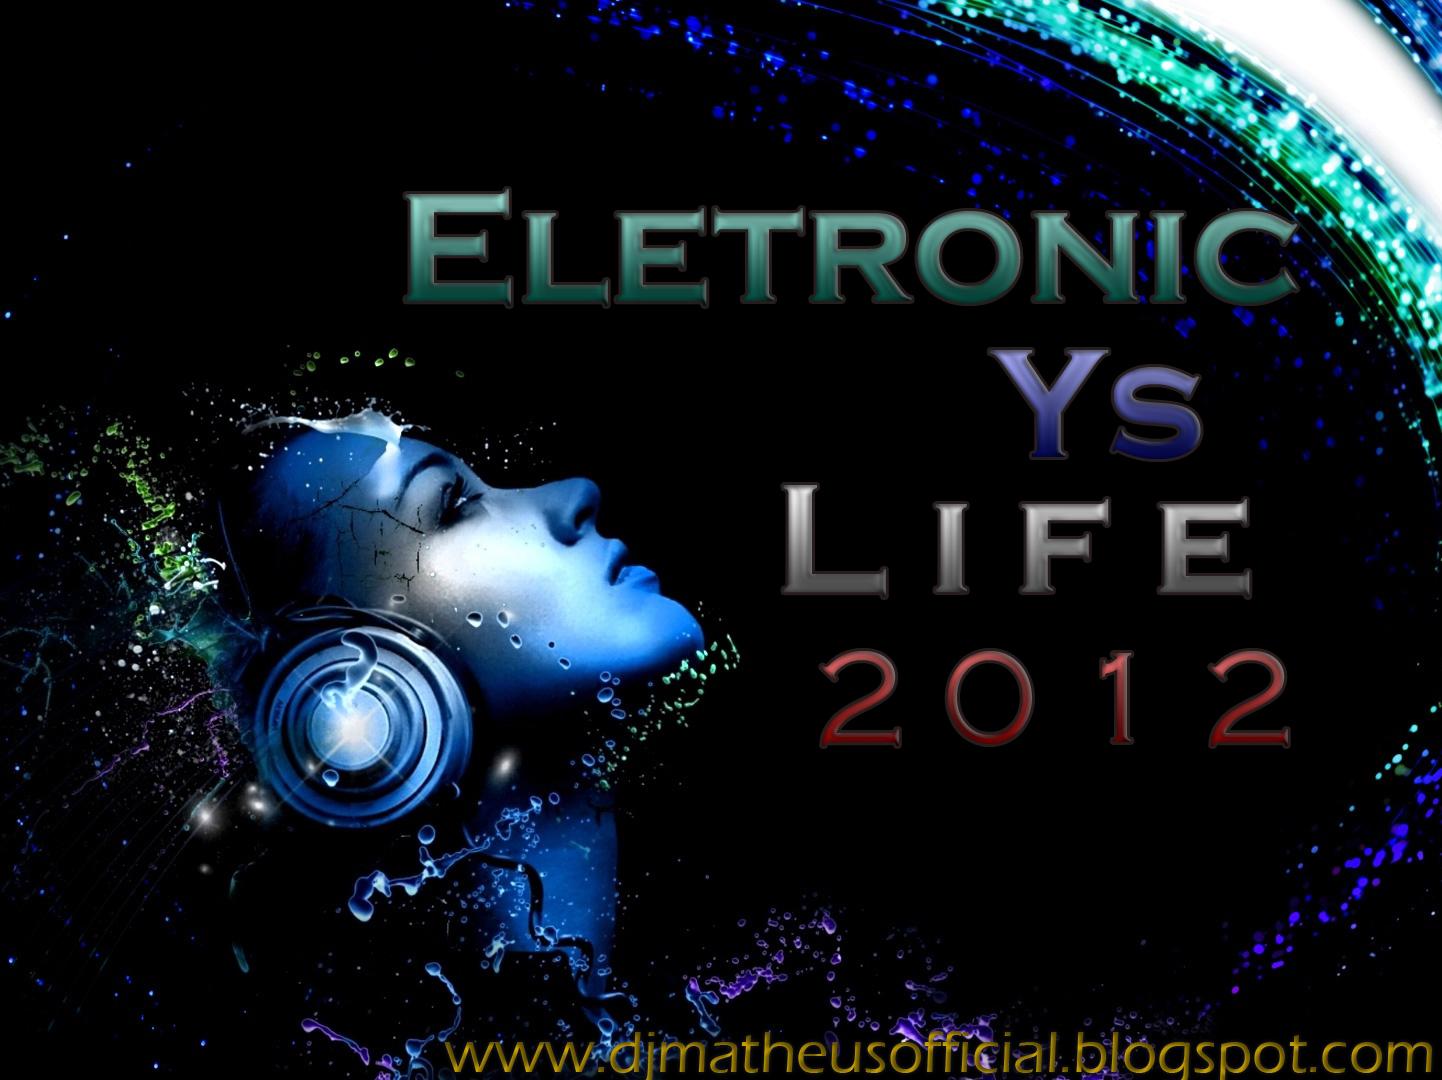 http://2.bp.blogspot.com/--MeIocHbFHI/T4cgQW5k5yI/AAAAAAAAAT4/oos75KnIRjg/s1600/ELETRONIC+YS+LIFE+2012+%2528CAPA%2529.jpg